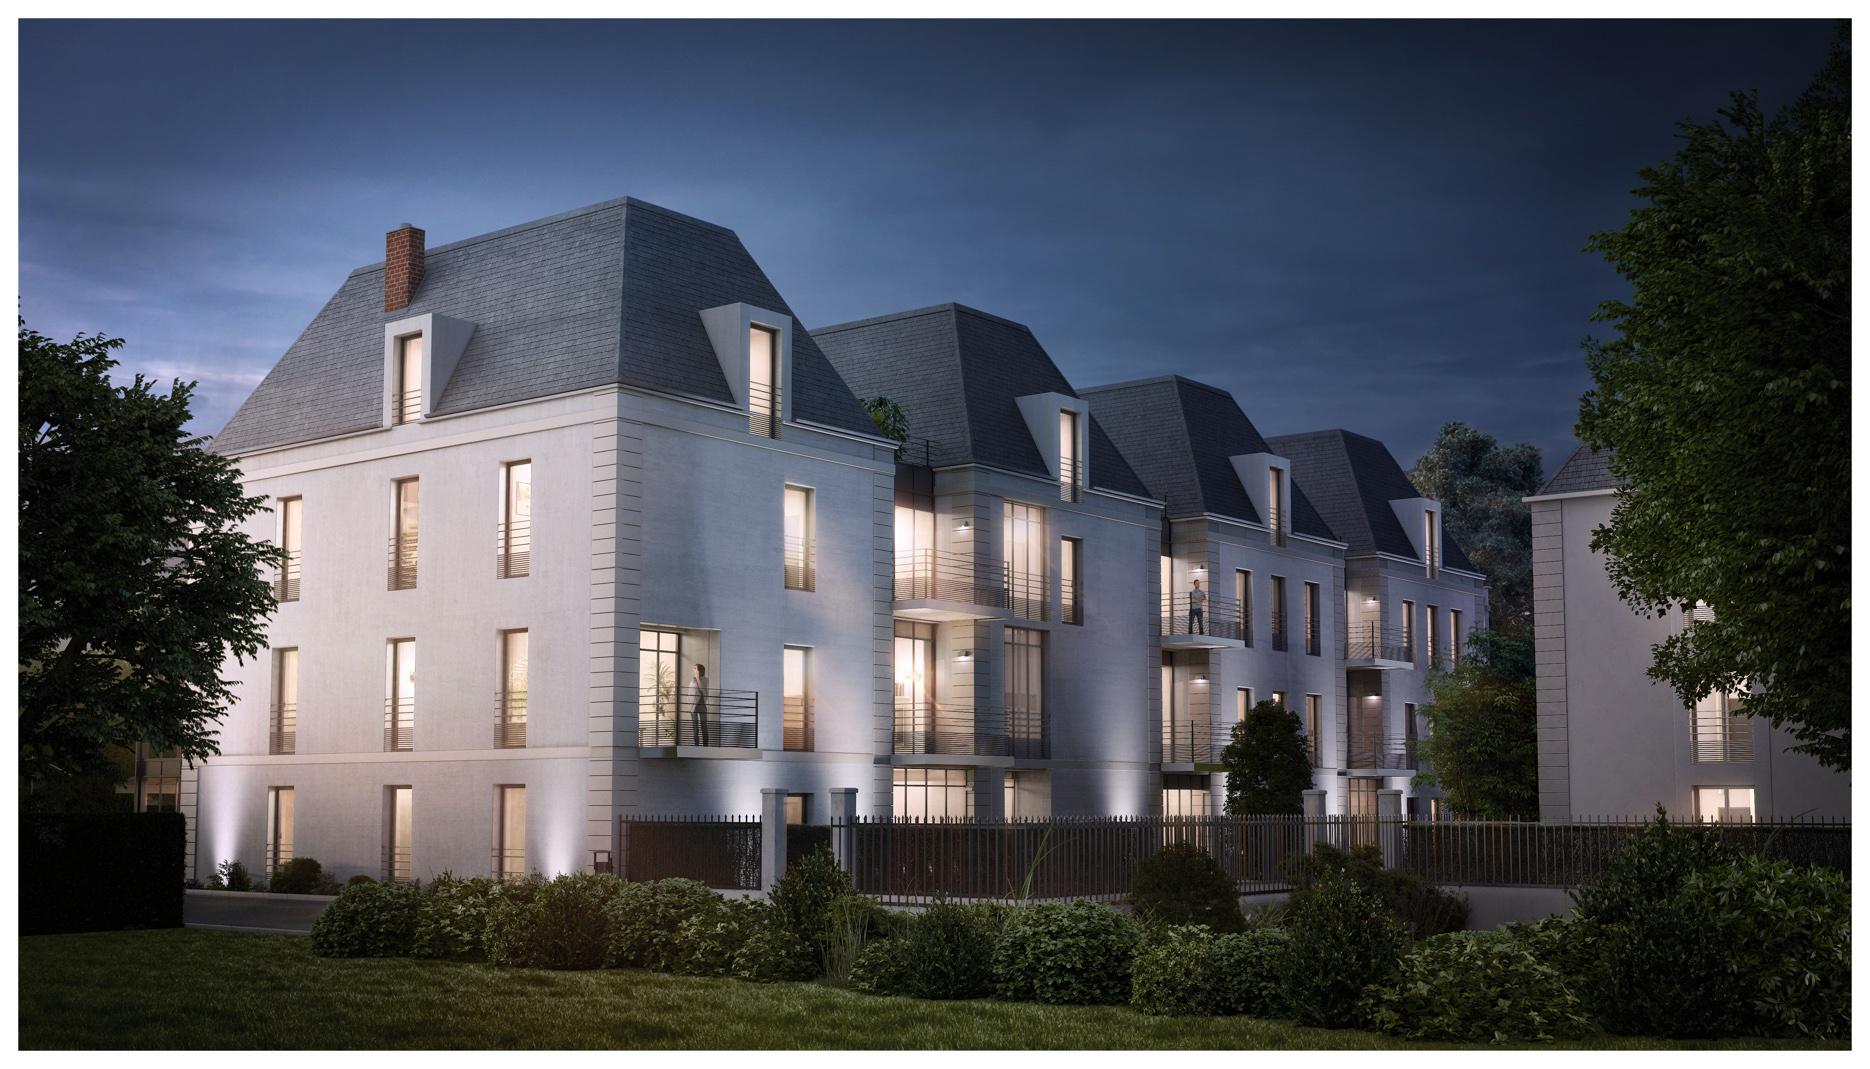 Dripmoon-archvis-graphiste3D-architecture-images-3D-Saint-Cyr (2)